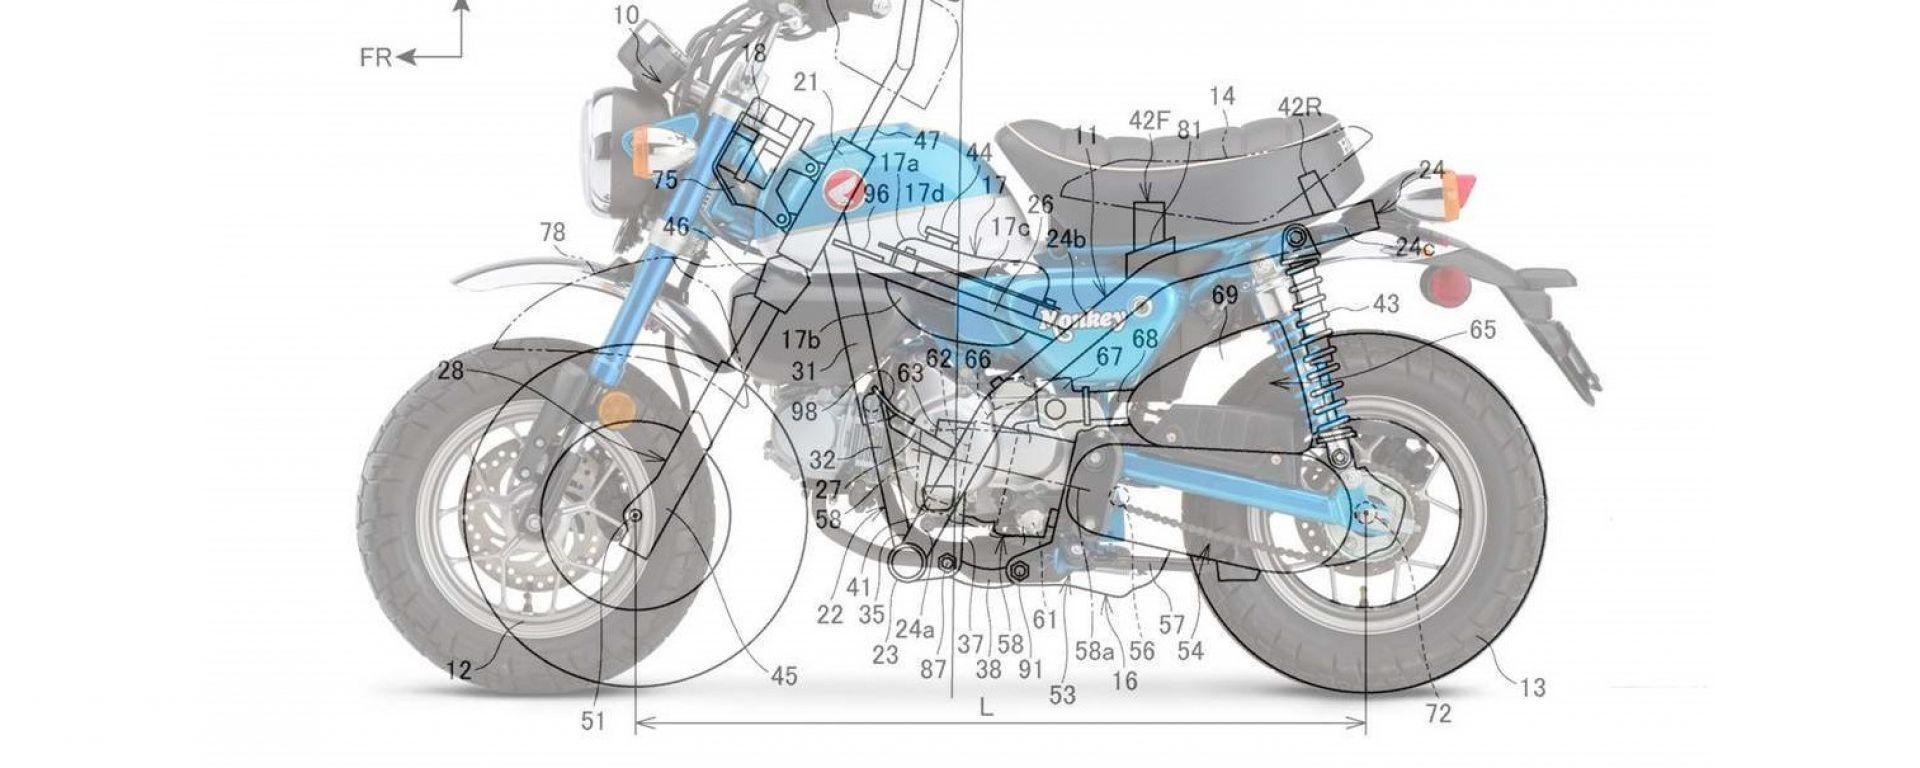 L'attuale Monkey 125 a confronto col brevetto di una versione Honda ancor più mini